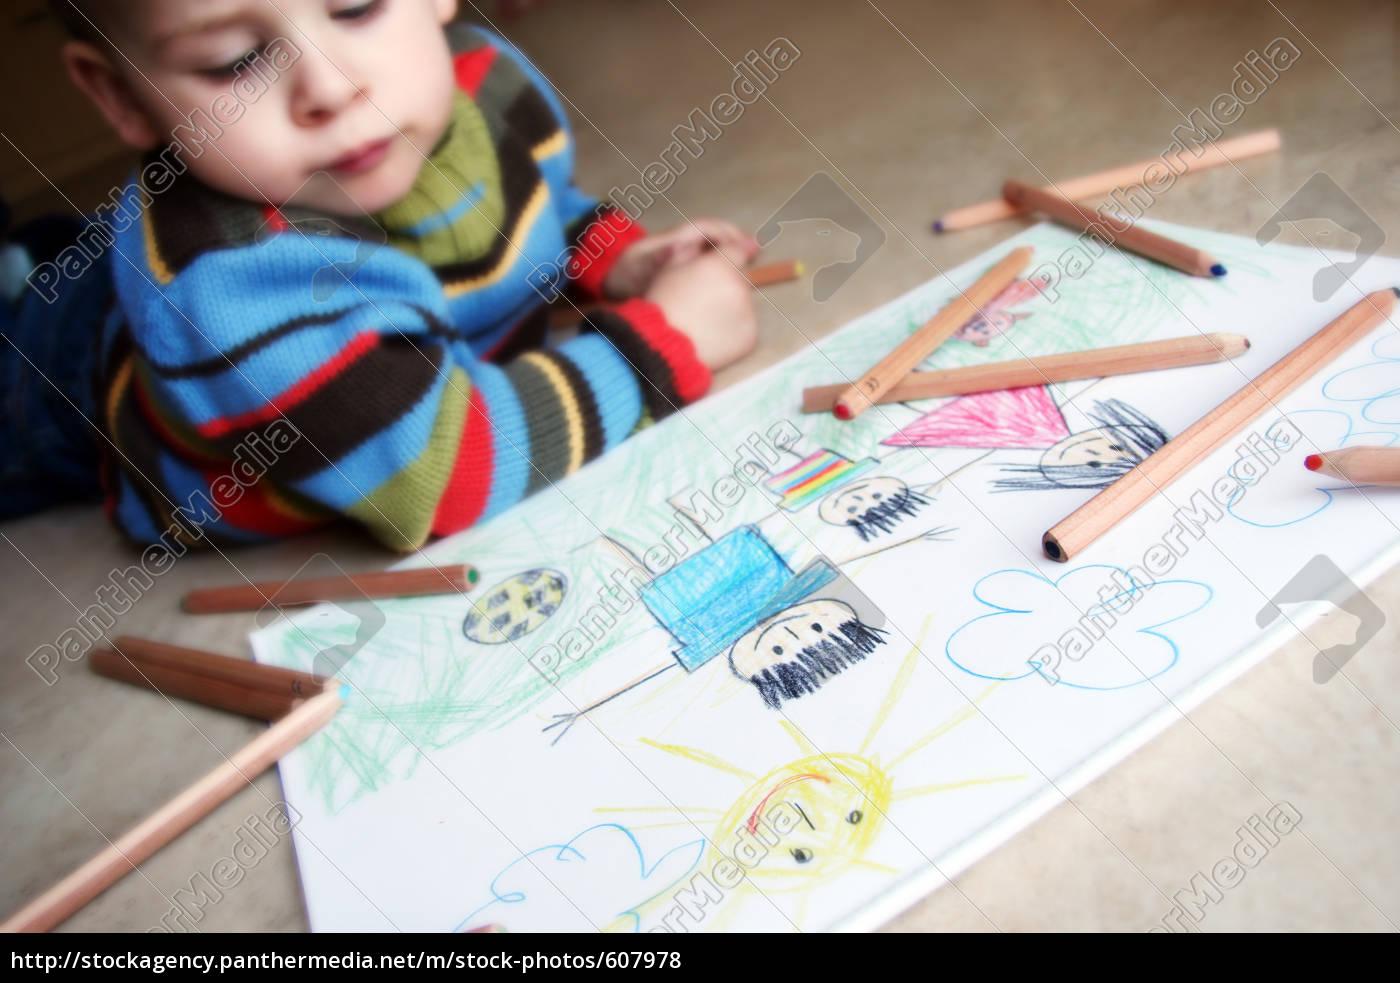 little, artist - 607978